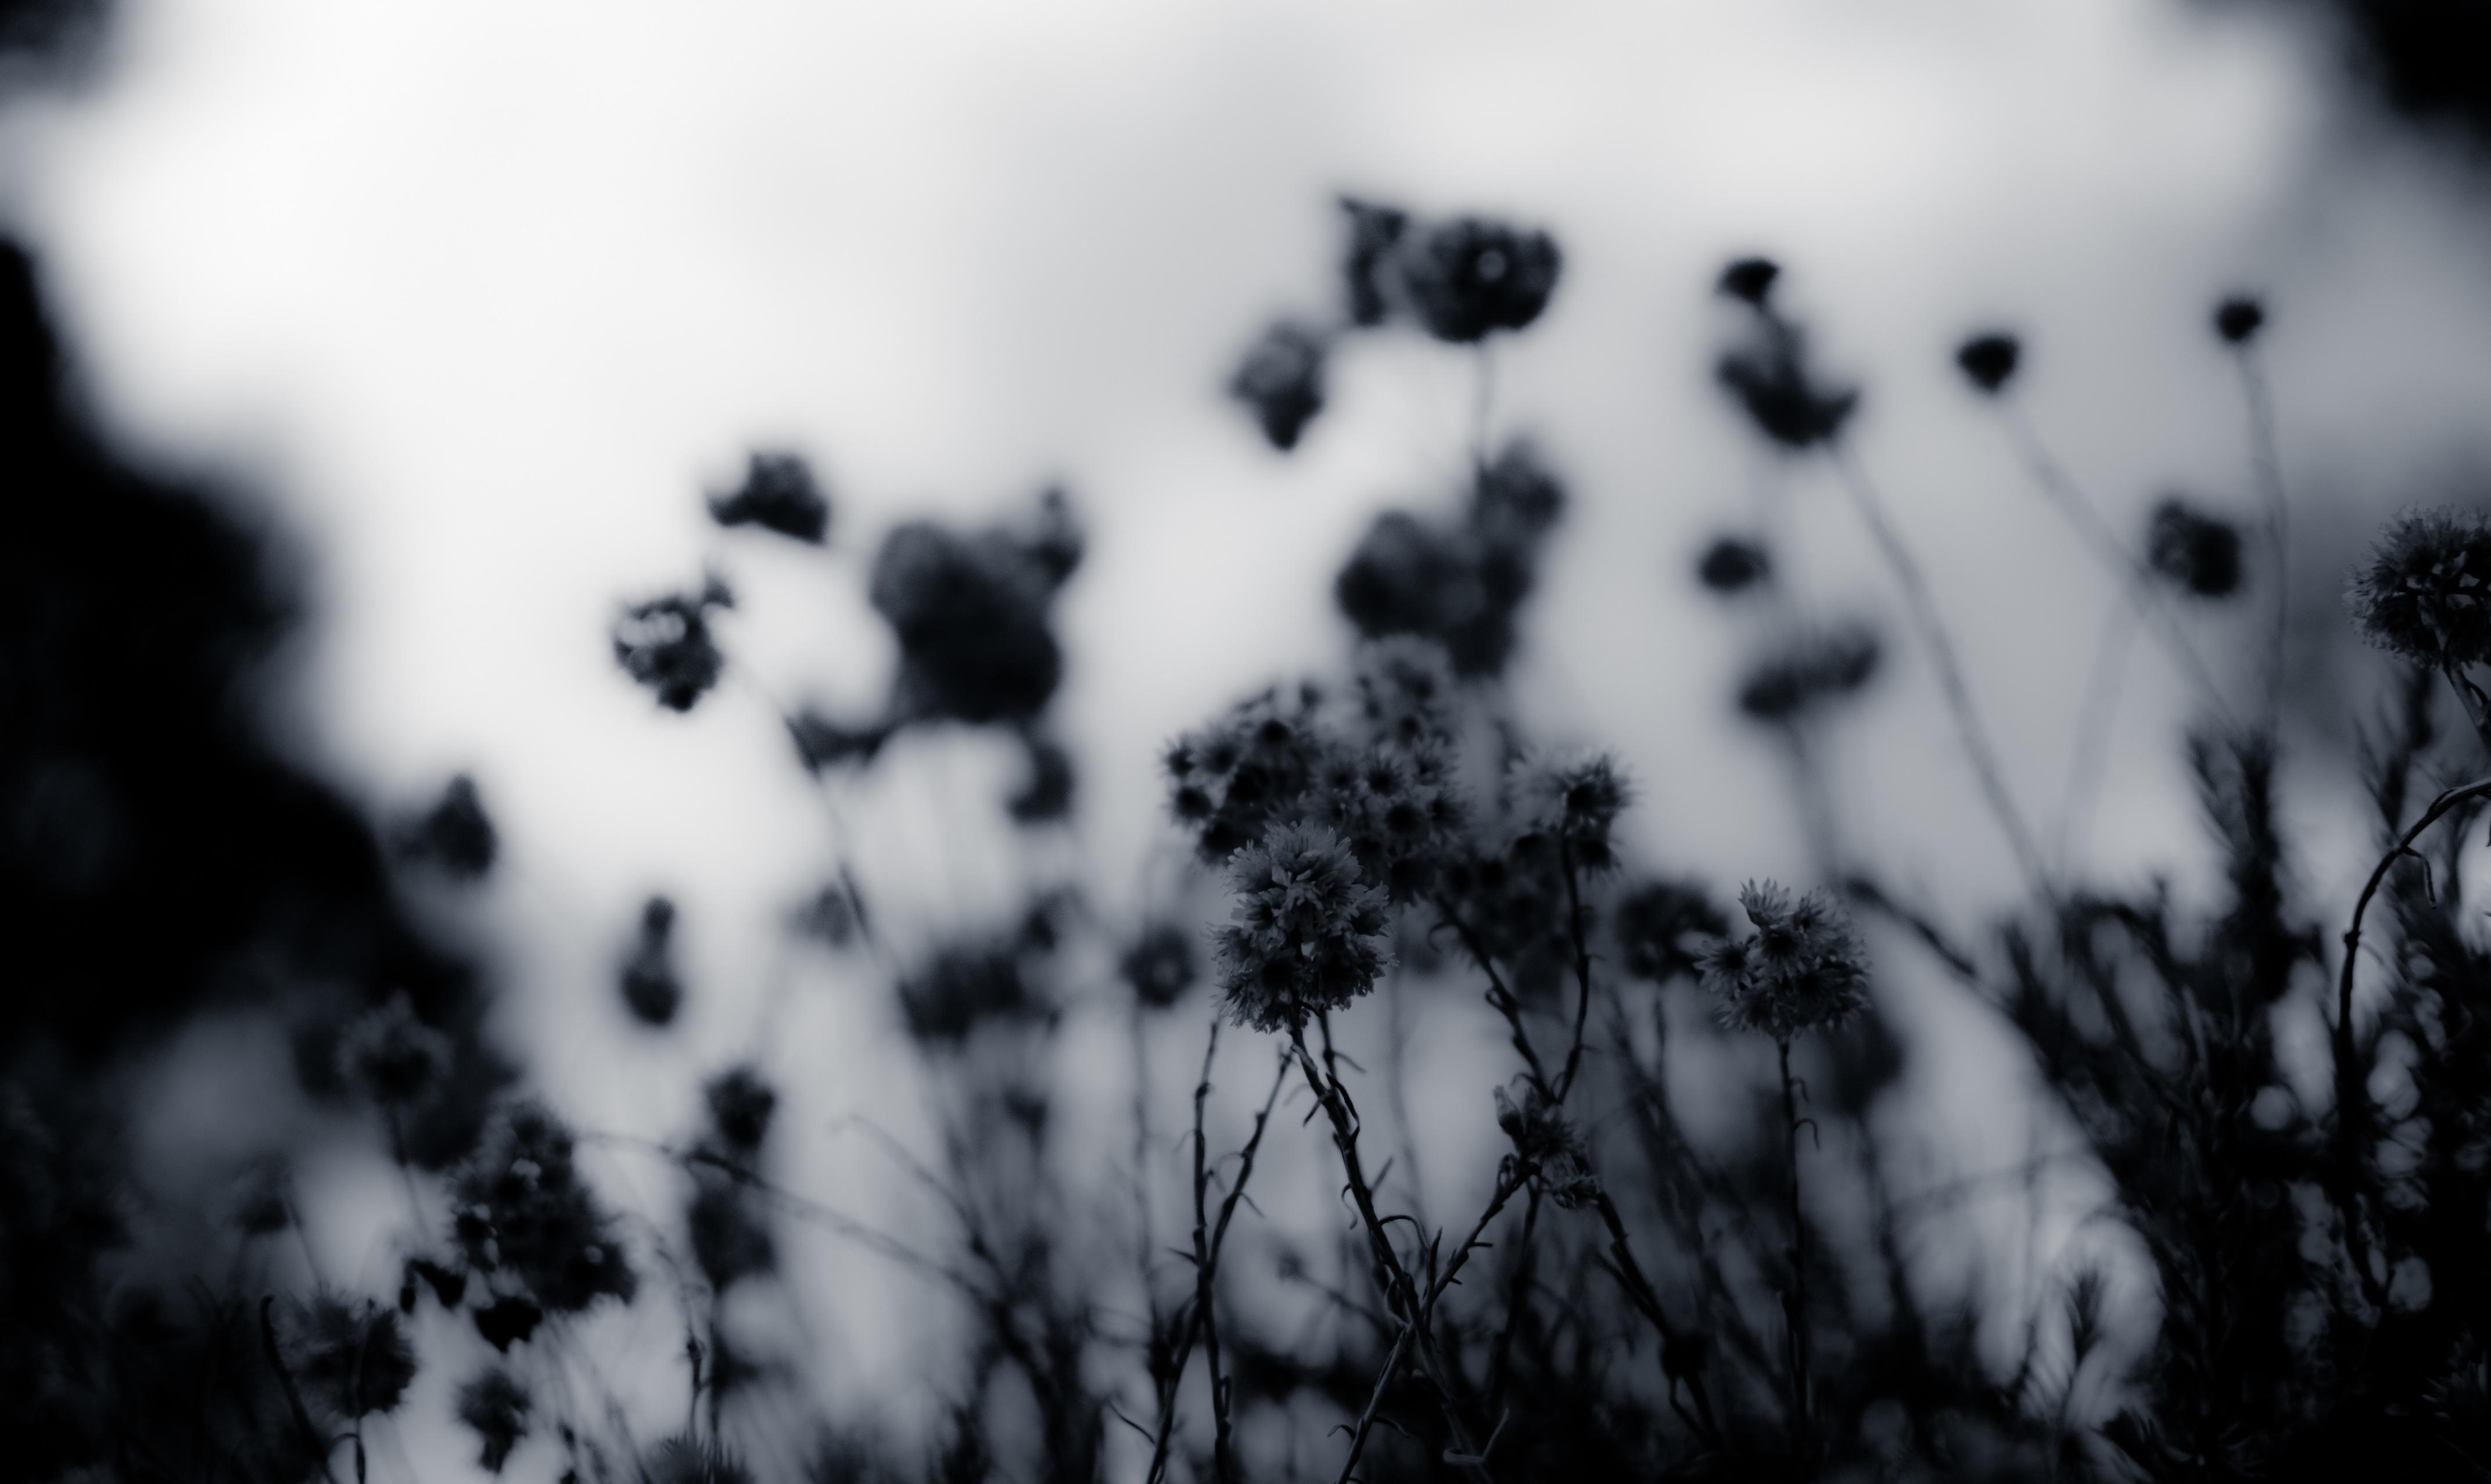 сон, затемнение части черно белой фотографии такие шубы